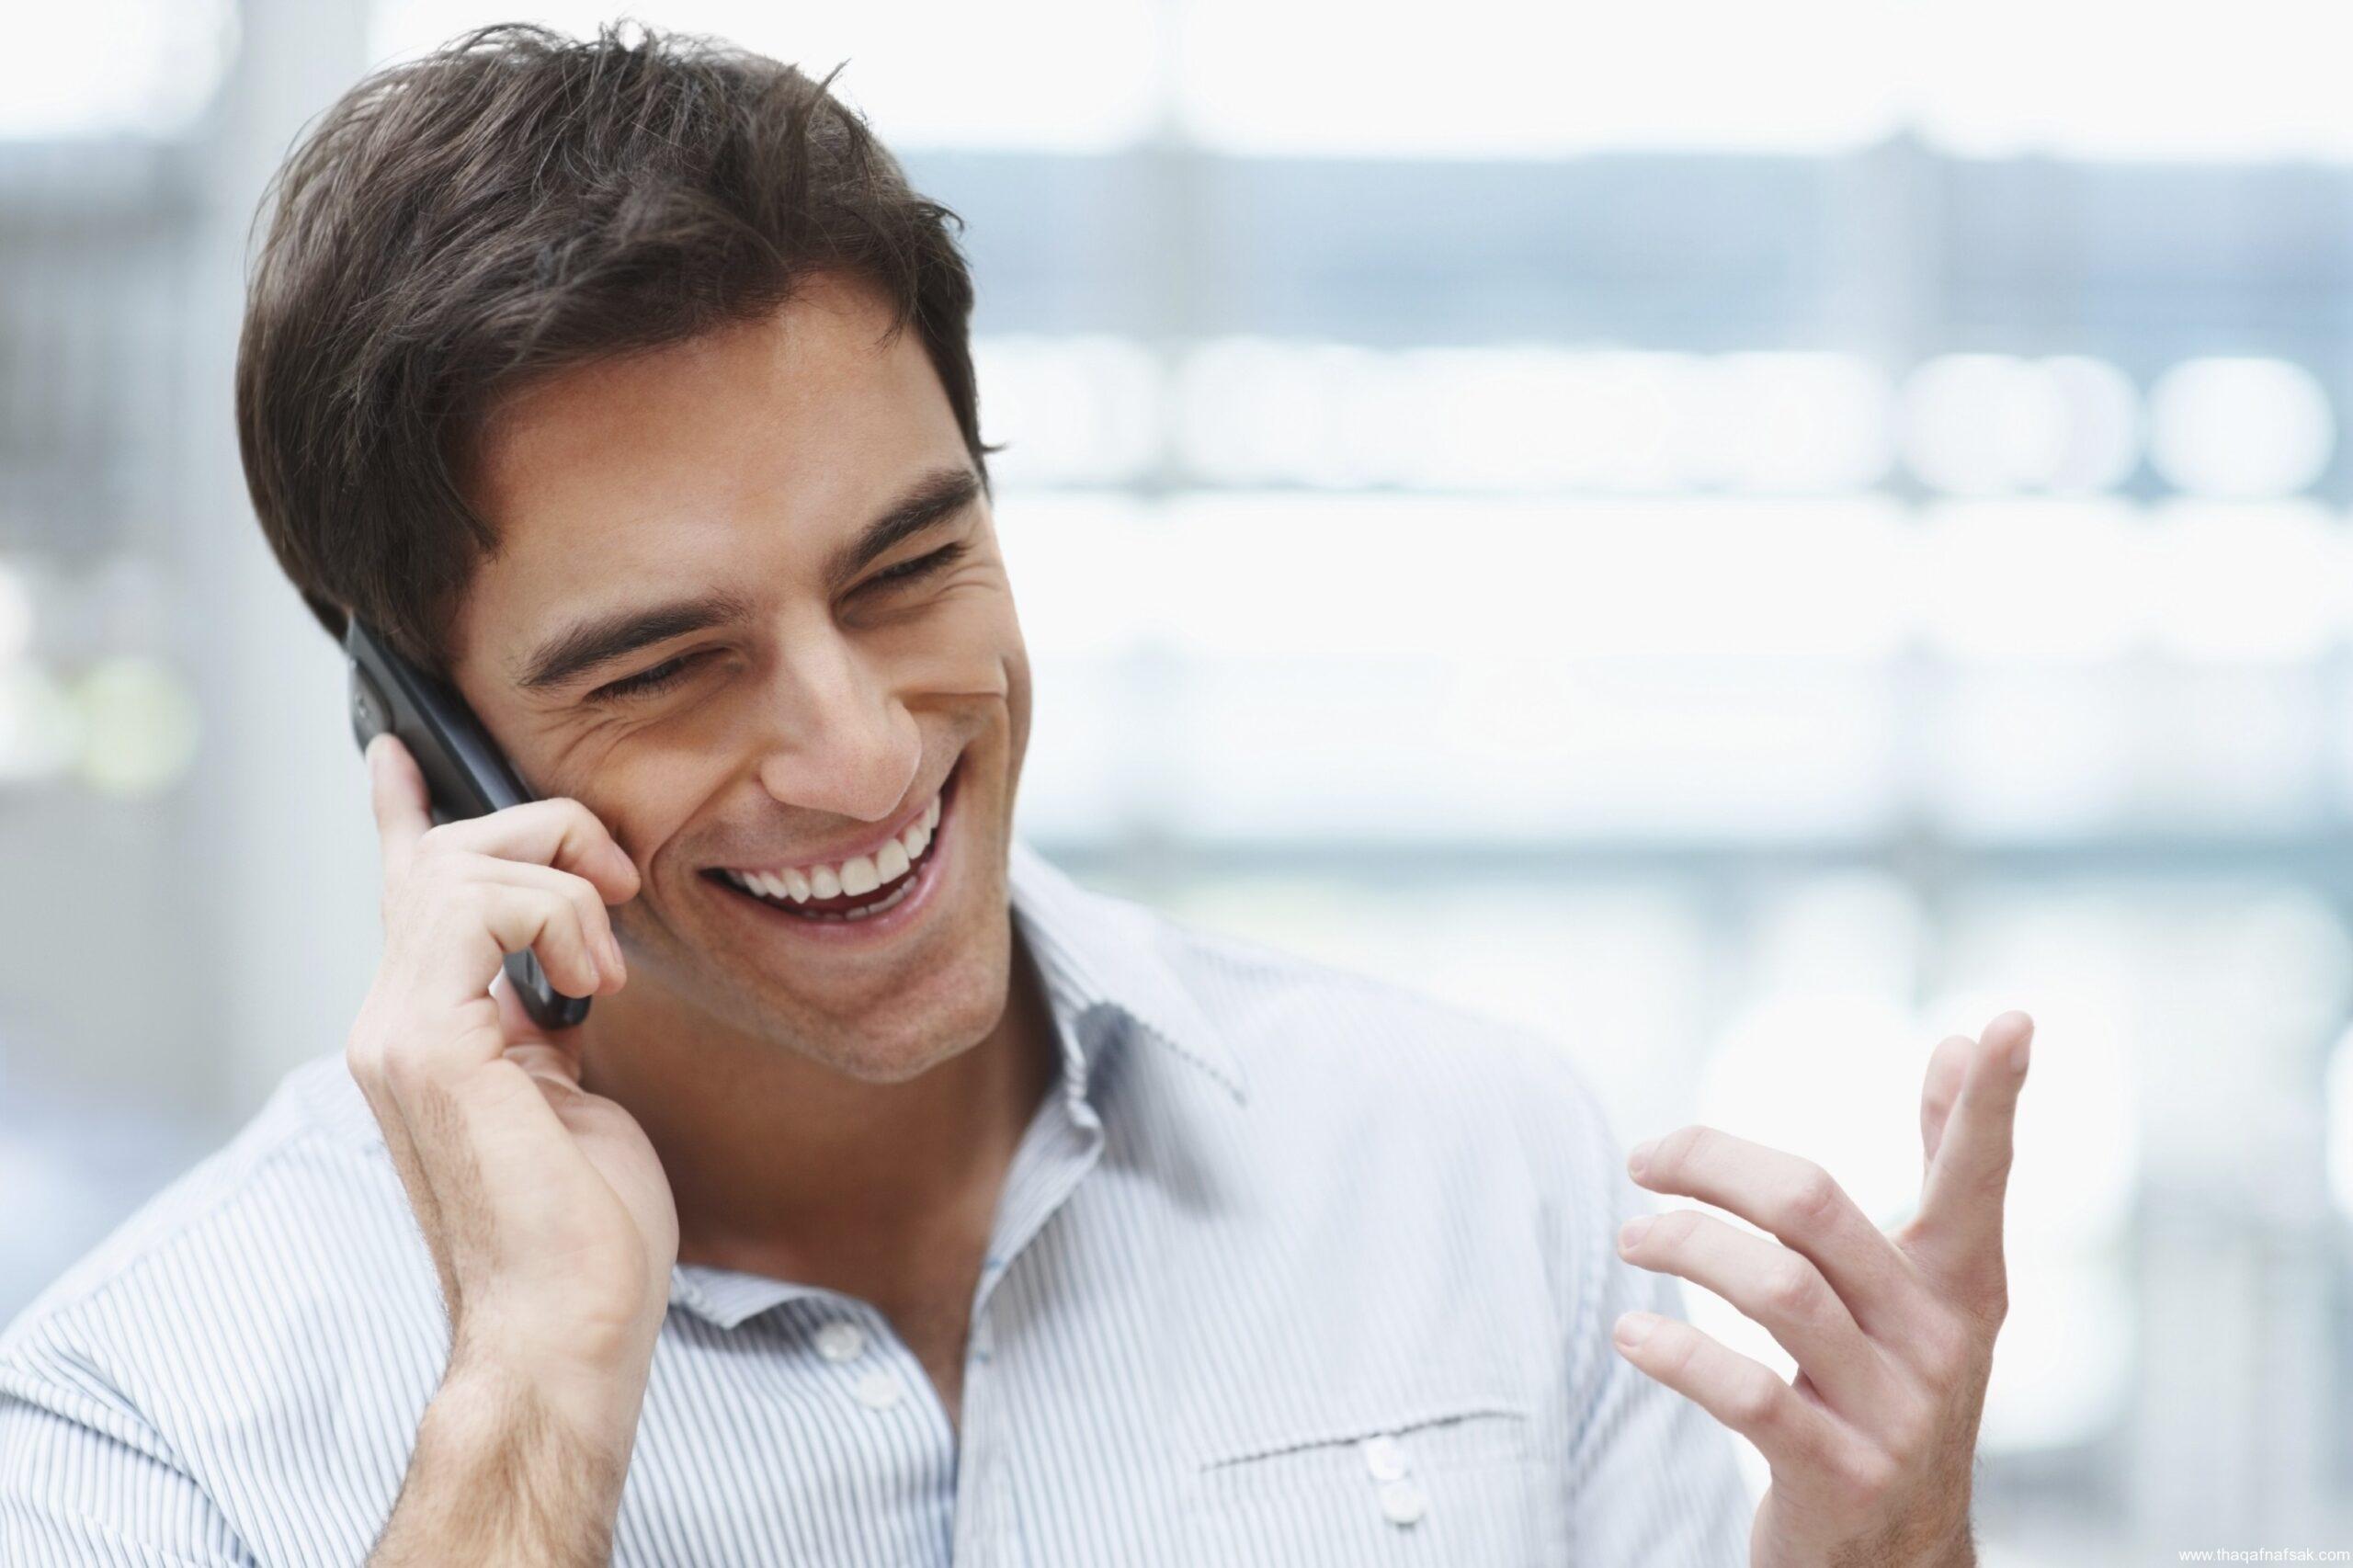 تفسير حلم التحدث مع شخص اعرفة في الهاتف